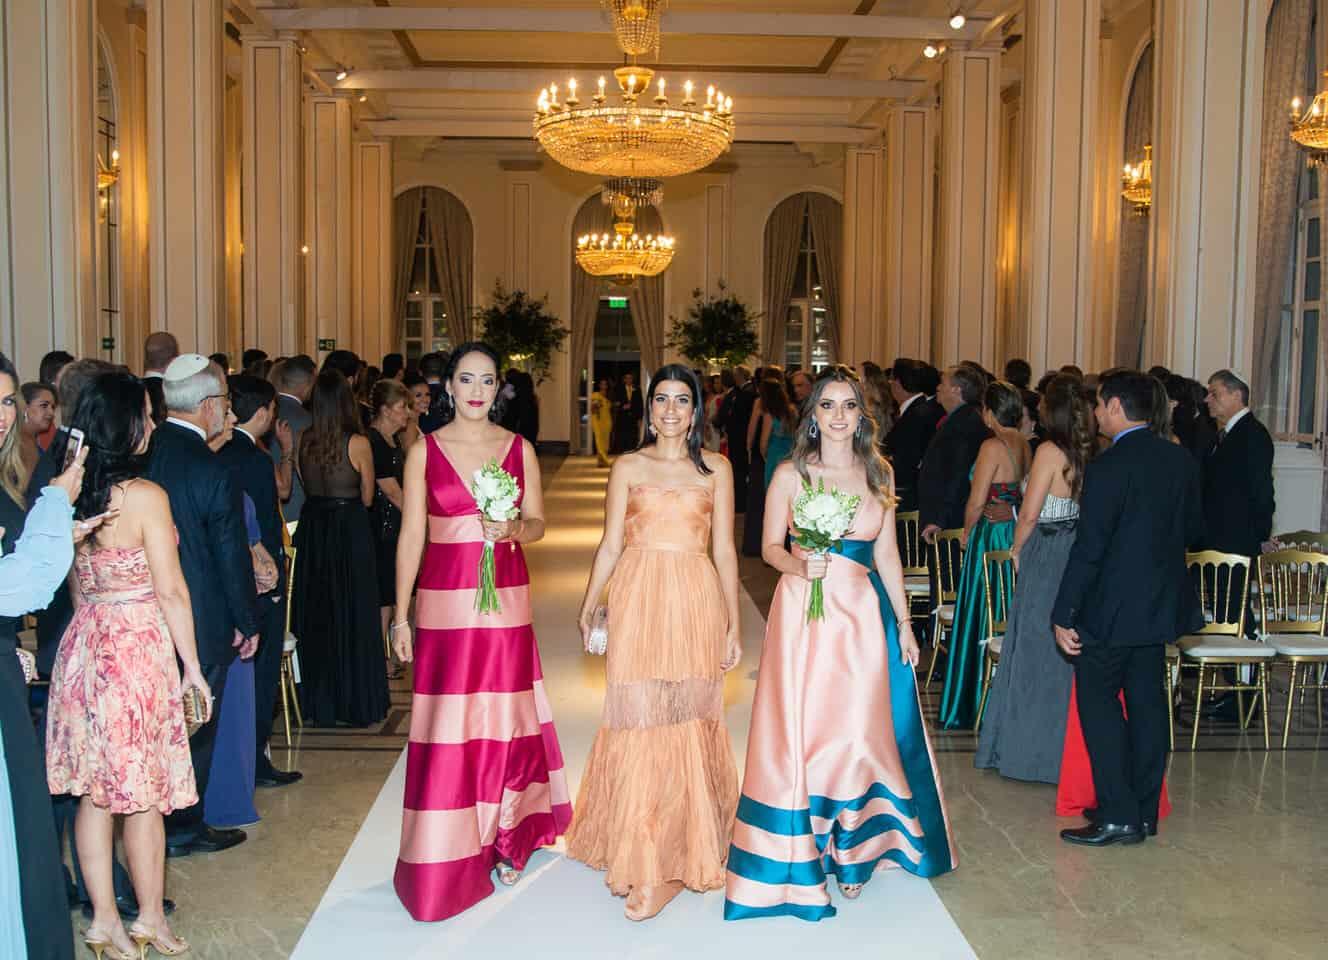 casamento-clássico-casamento-tradicional-casamento-fabiane-e-gustavo-copacabana-palace-rio-de-janeiro-Fotografa-Rodrigo-Sack-11